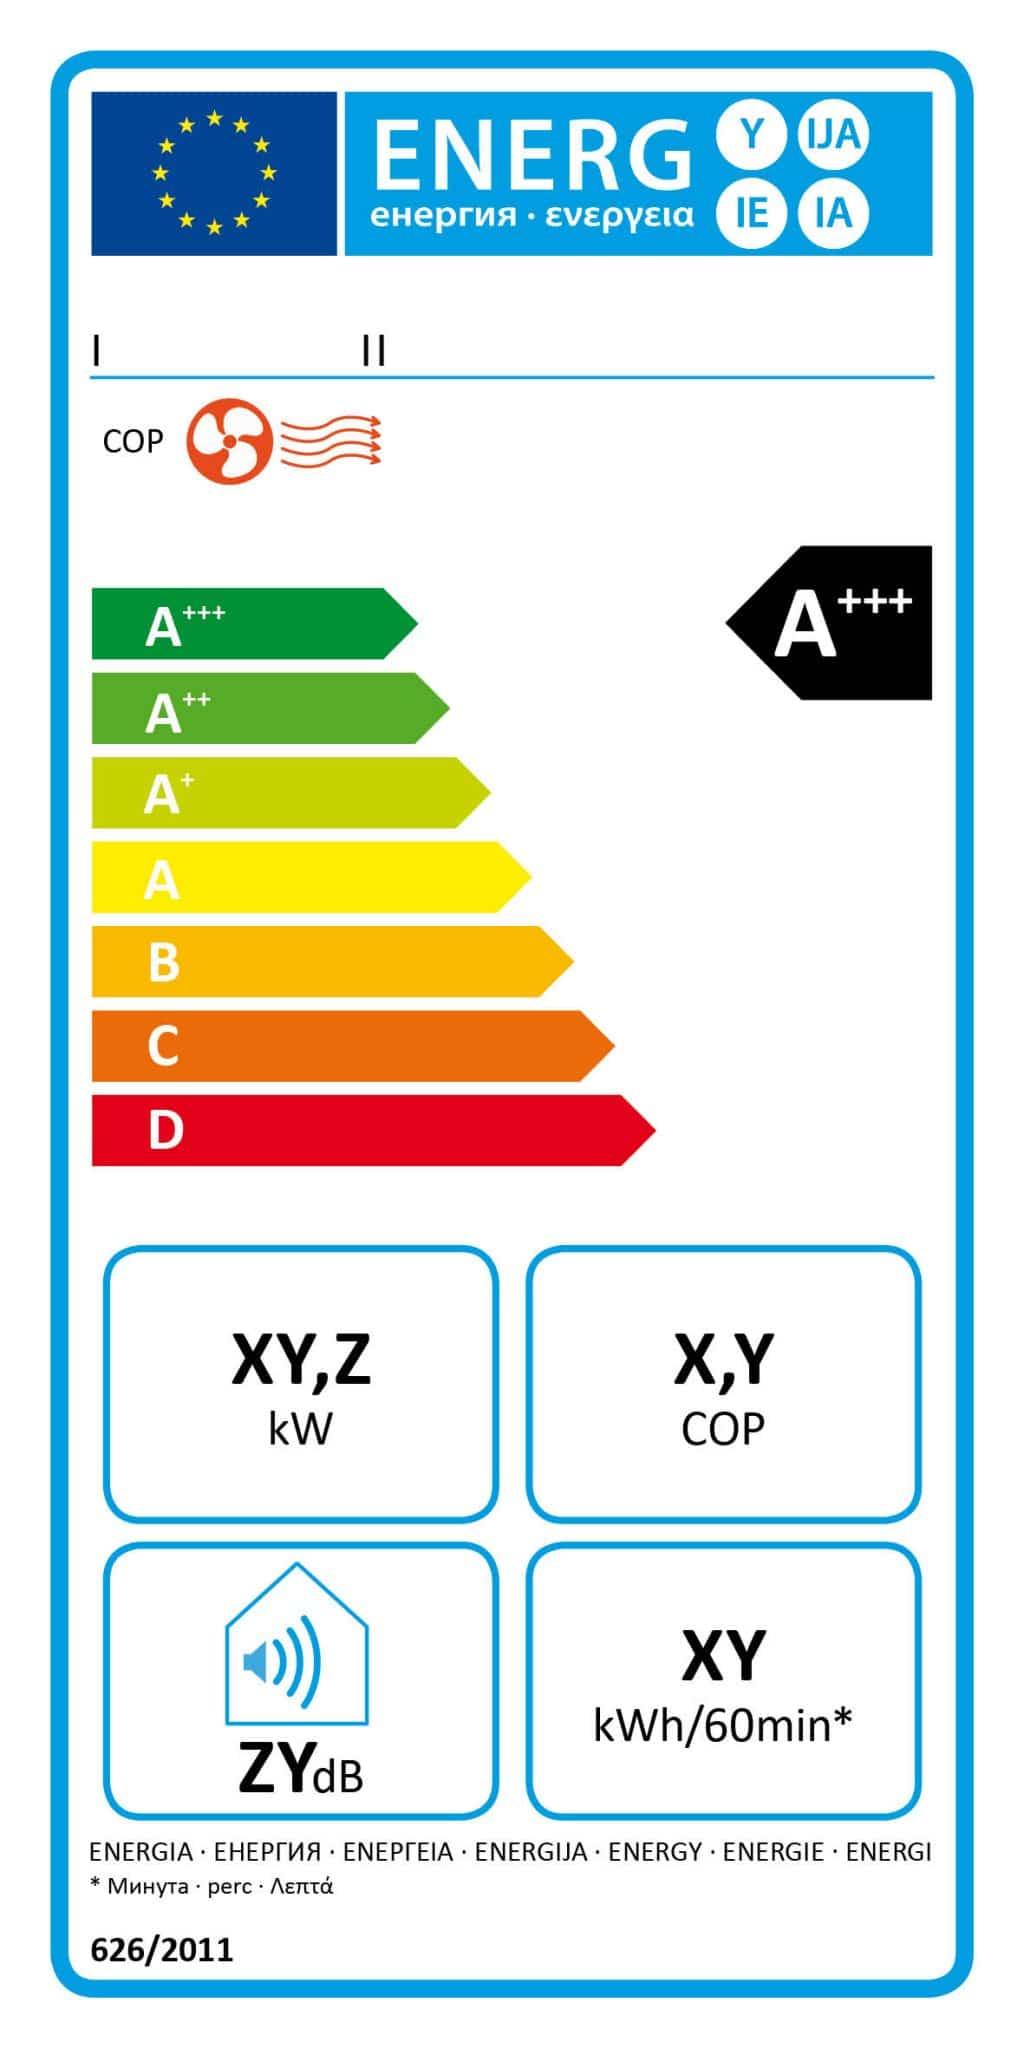 Etykieta energetyczna dla klimatyzatorów jednokanałowych z funkcją ogrzewania - wlaczoszczedzanie.pl